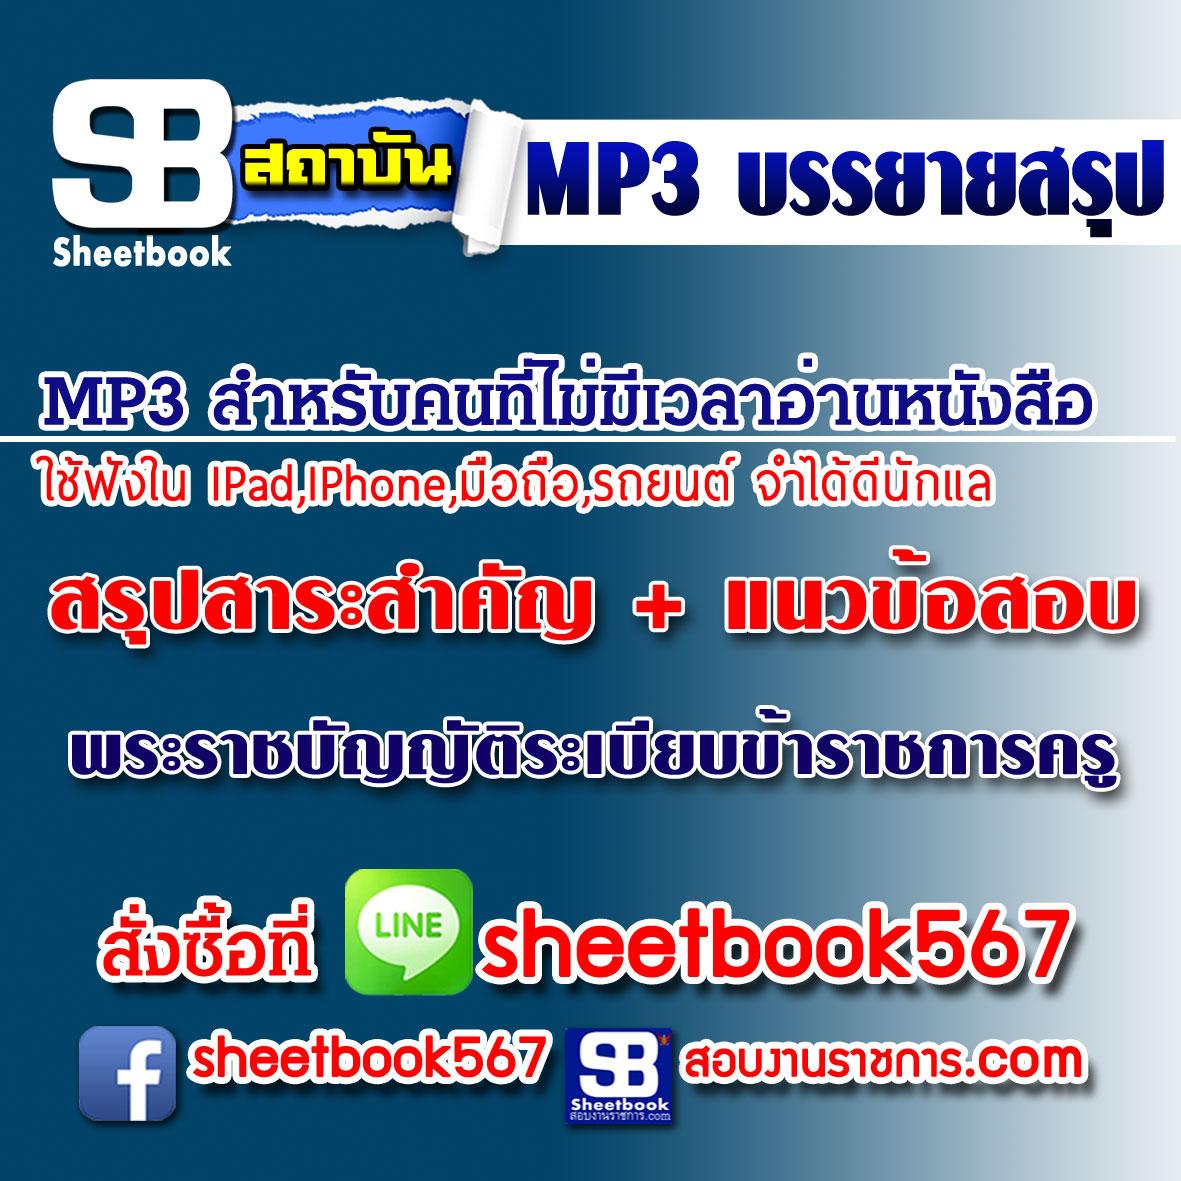 P010 - สรุปสาระสำคัญ+แนวข้อสอบ พระราชบัญญัติระเบียบข้าราชการครู_2